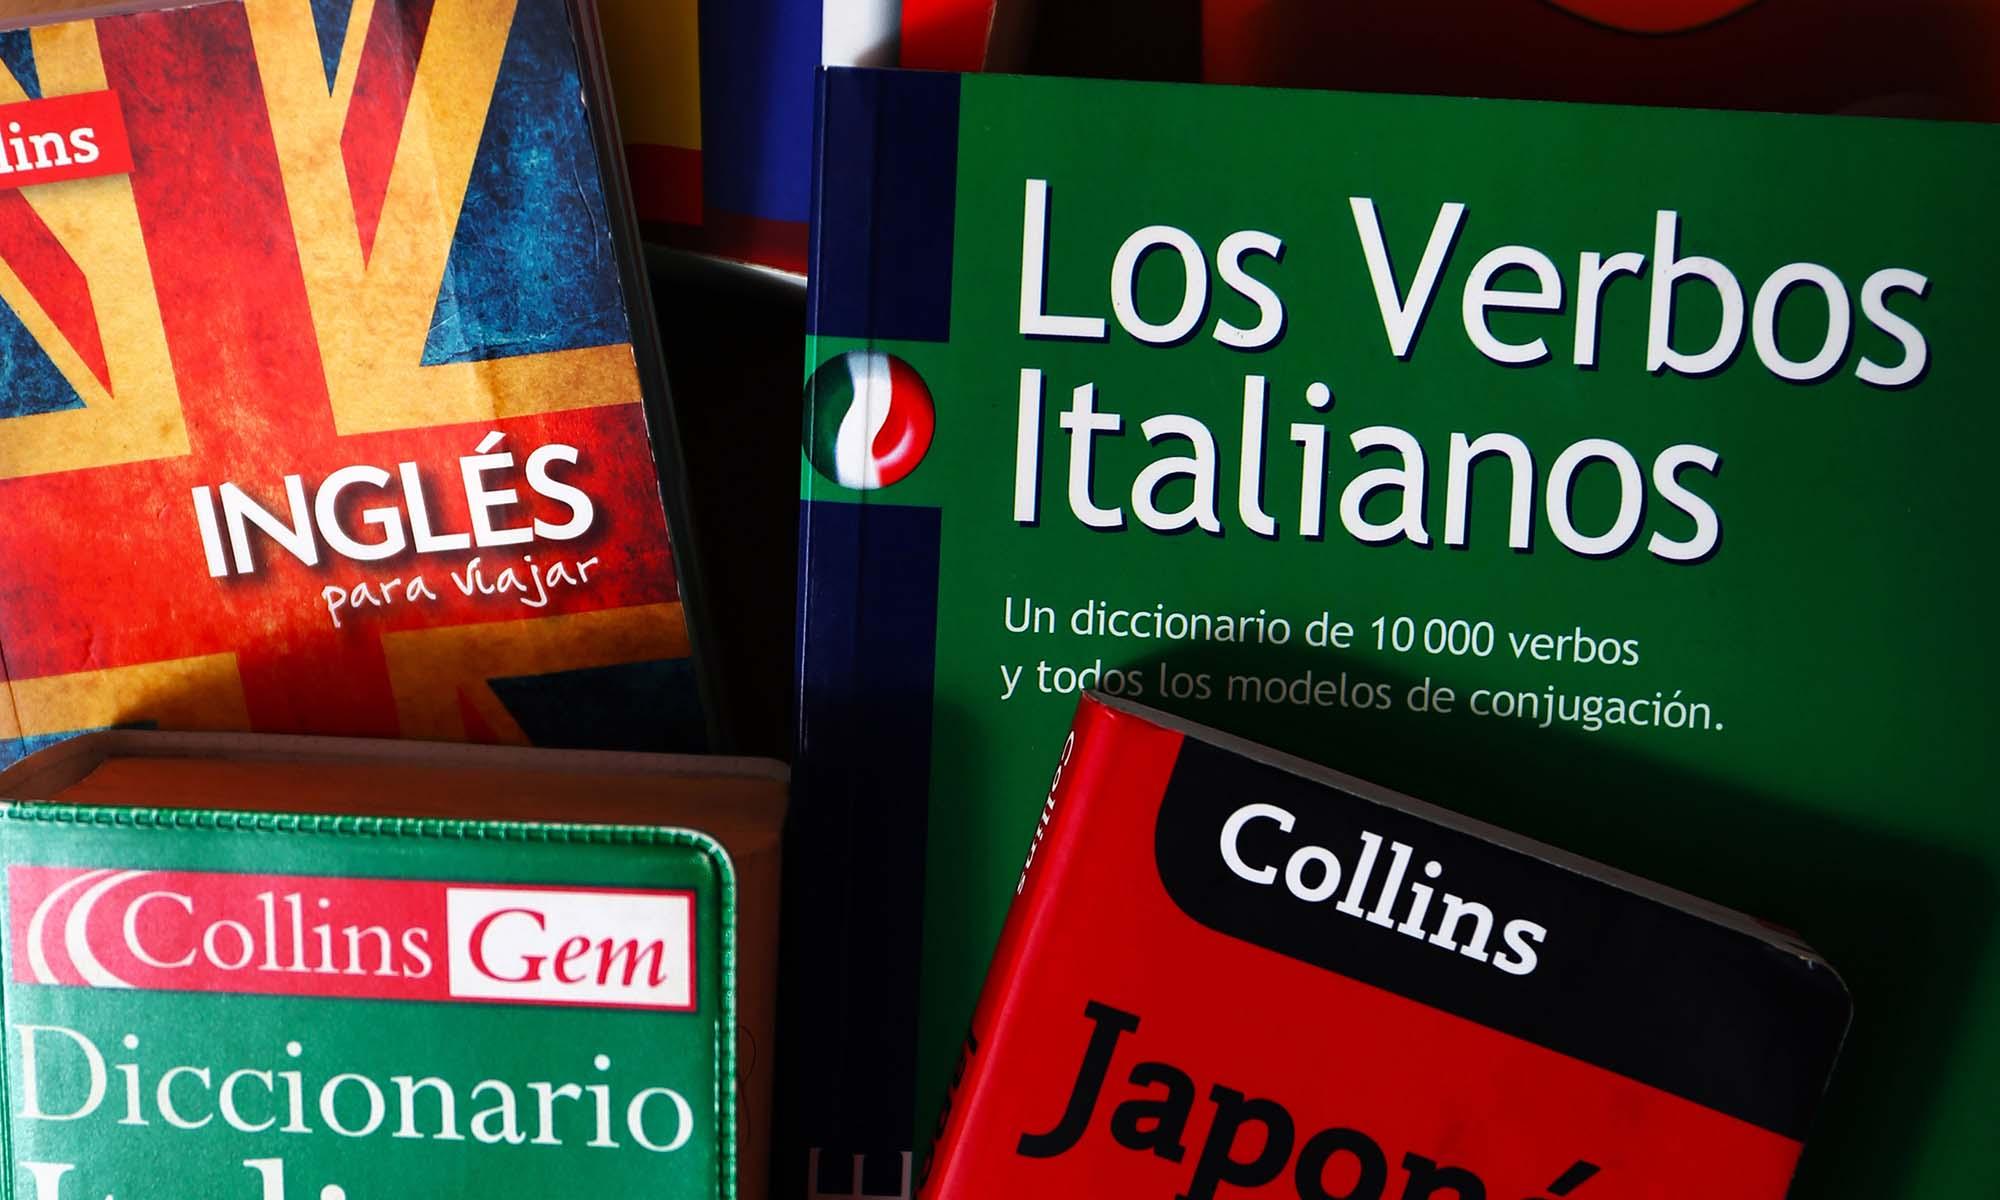 Varios diccionarios